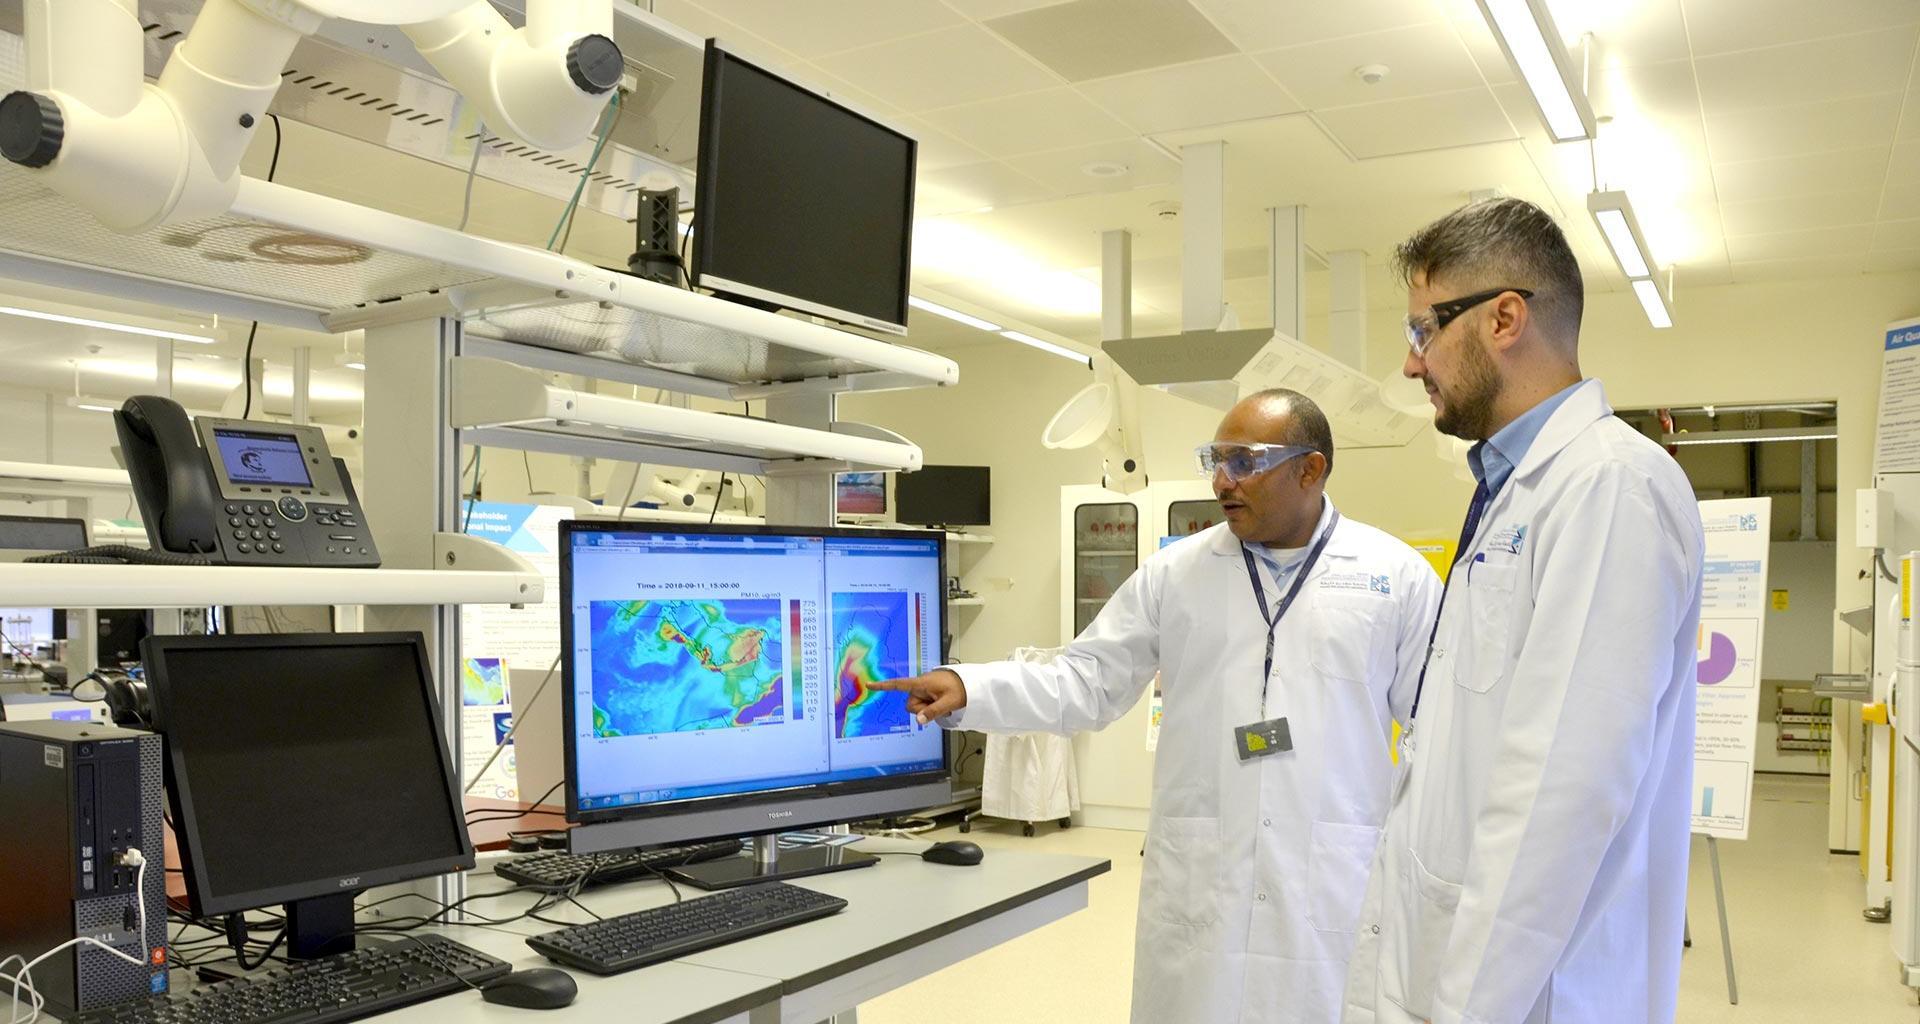 معهد قطر لبحوث البيئة والطاقة بجامعة حمد بن خليفة يطلق رابع محطة لرصد جودة الهواء